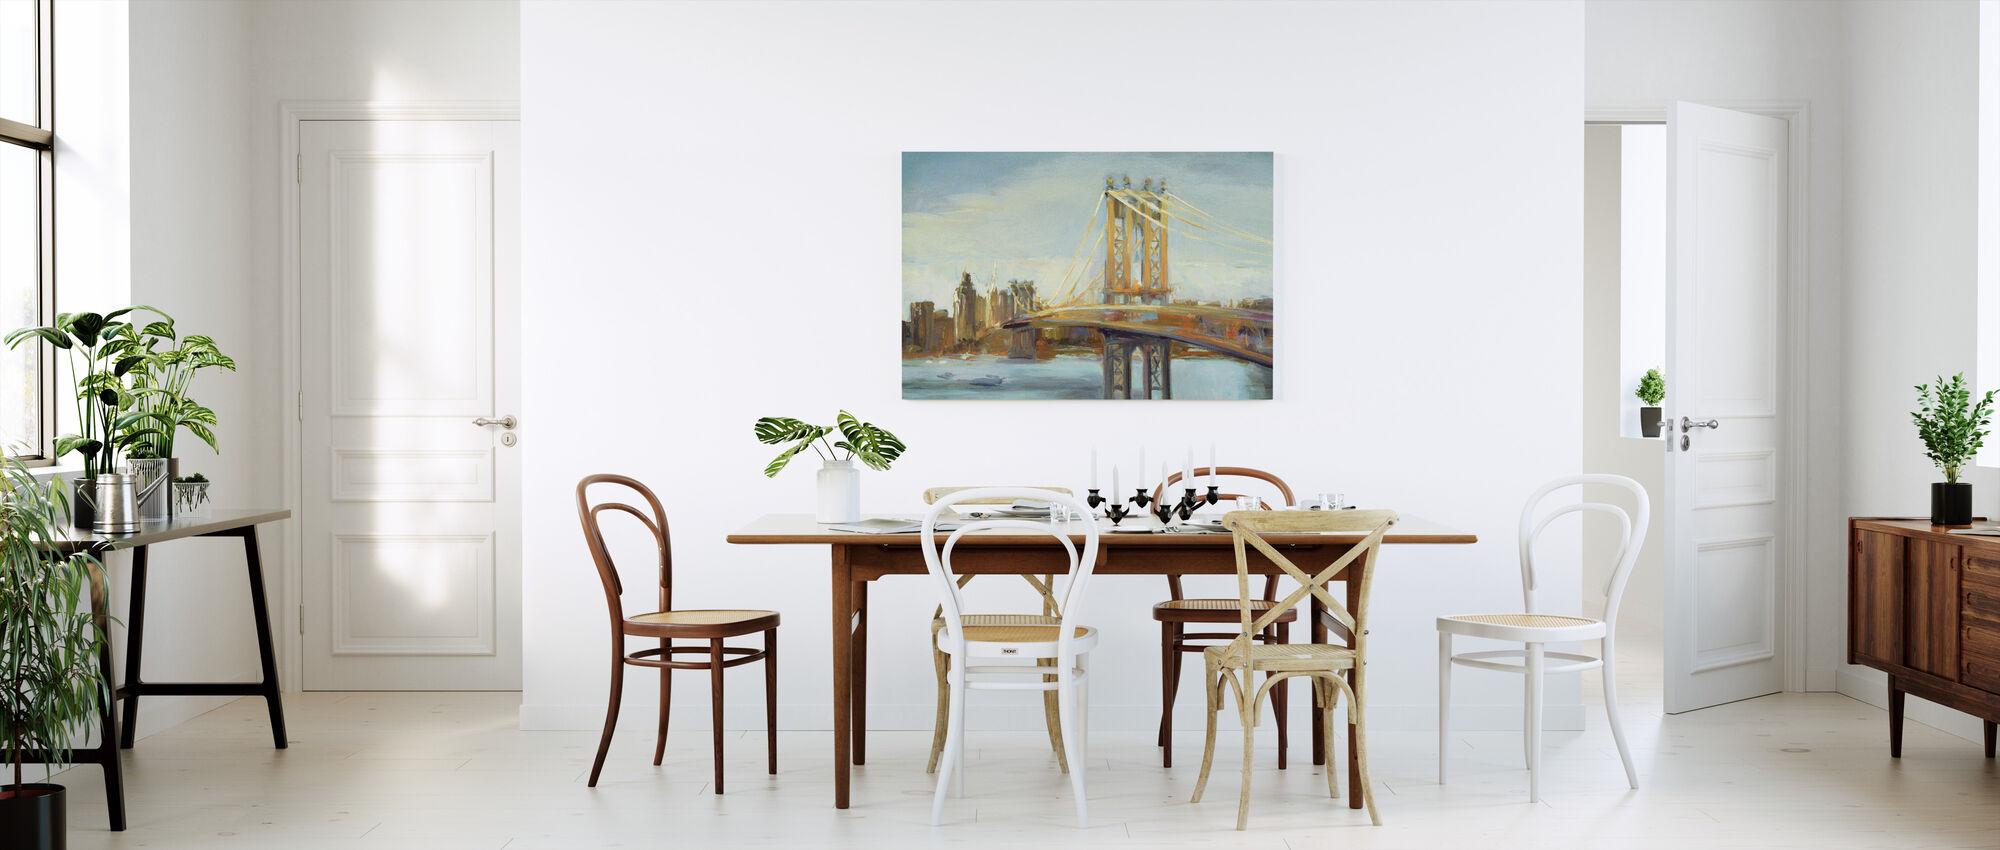 Sunny Manhattan Bridge - Canvas print - Kitchen